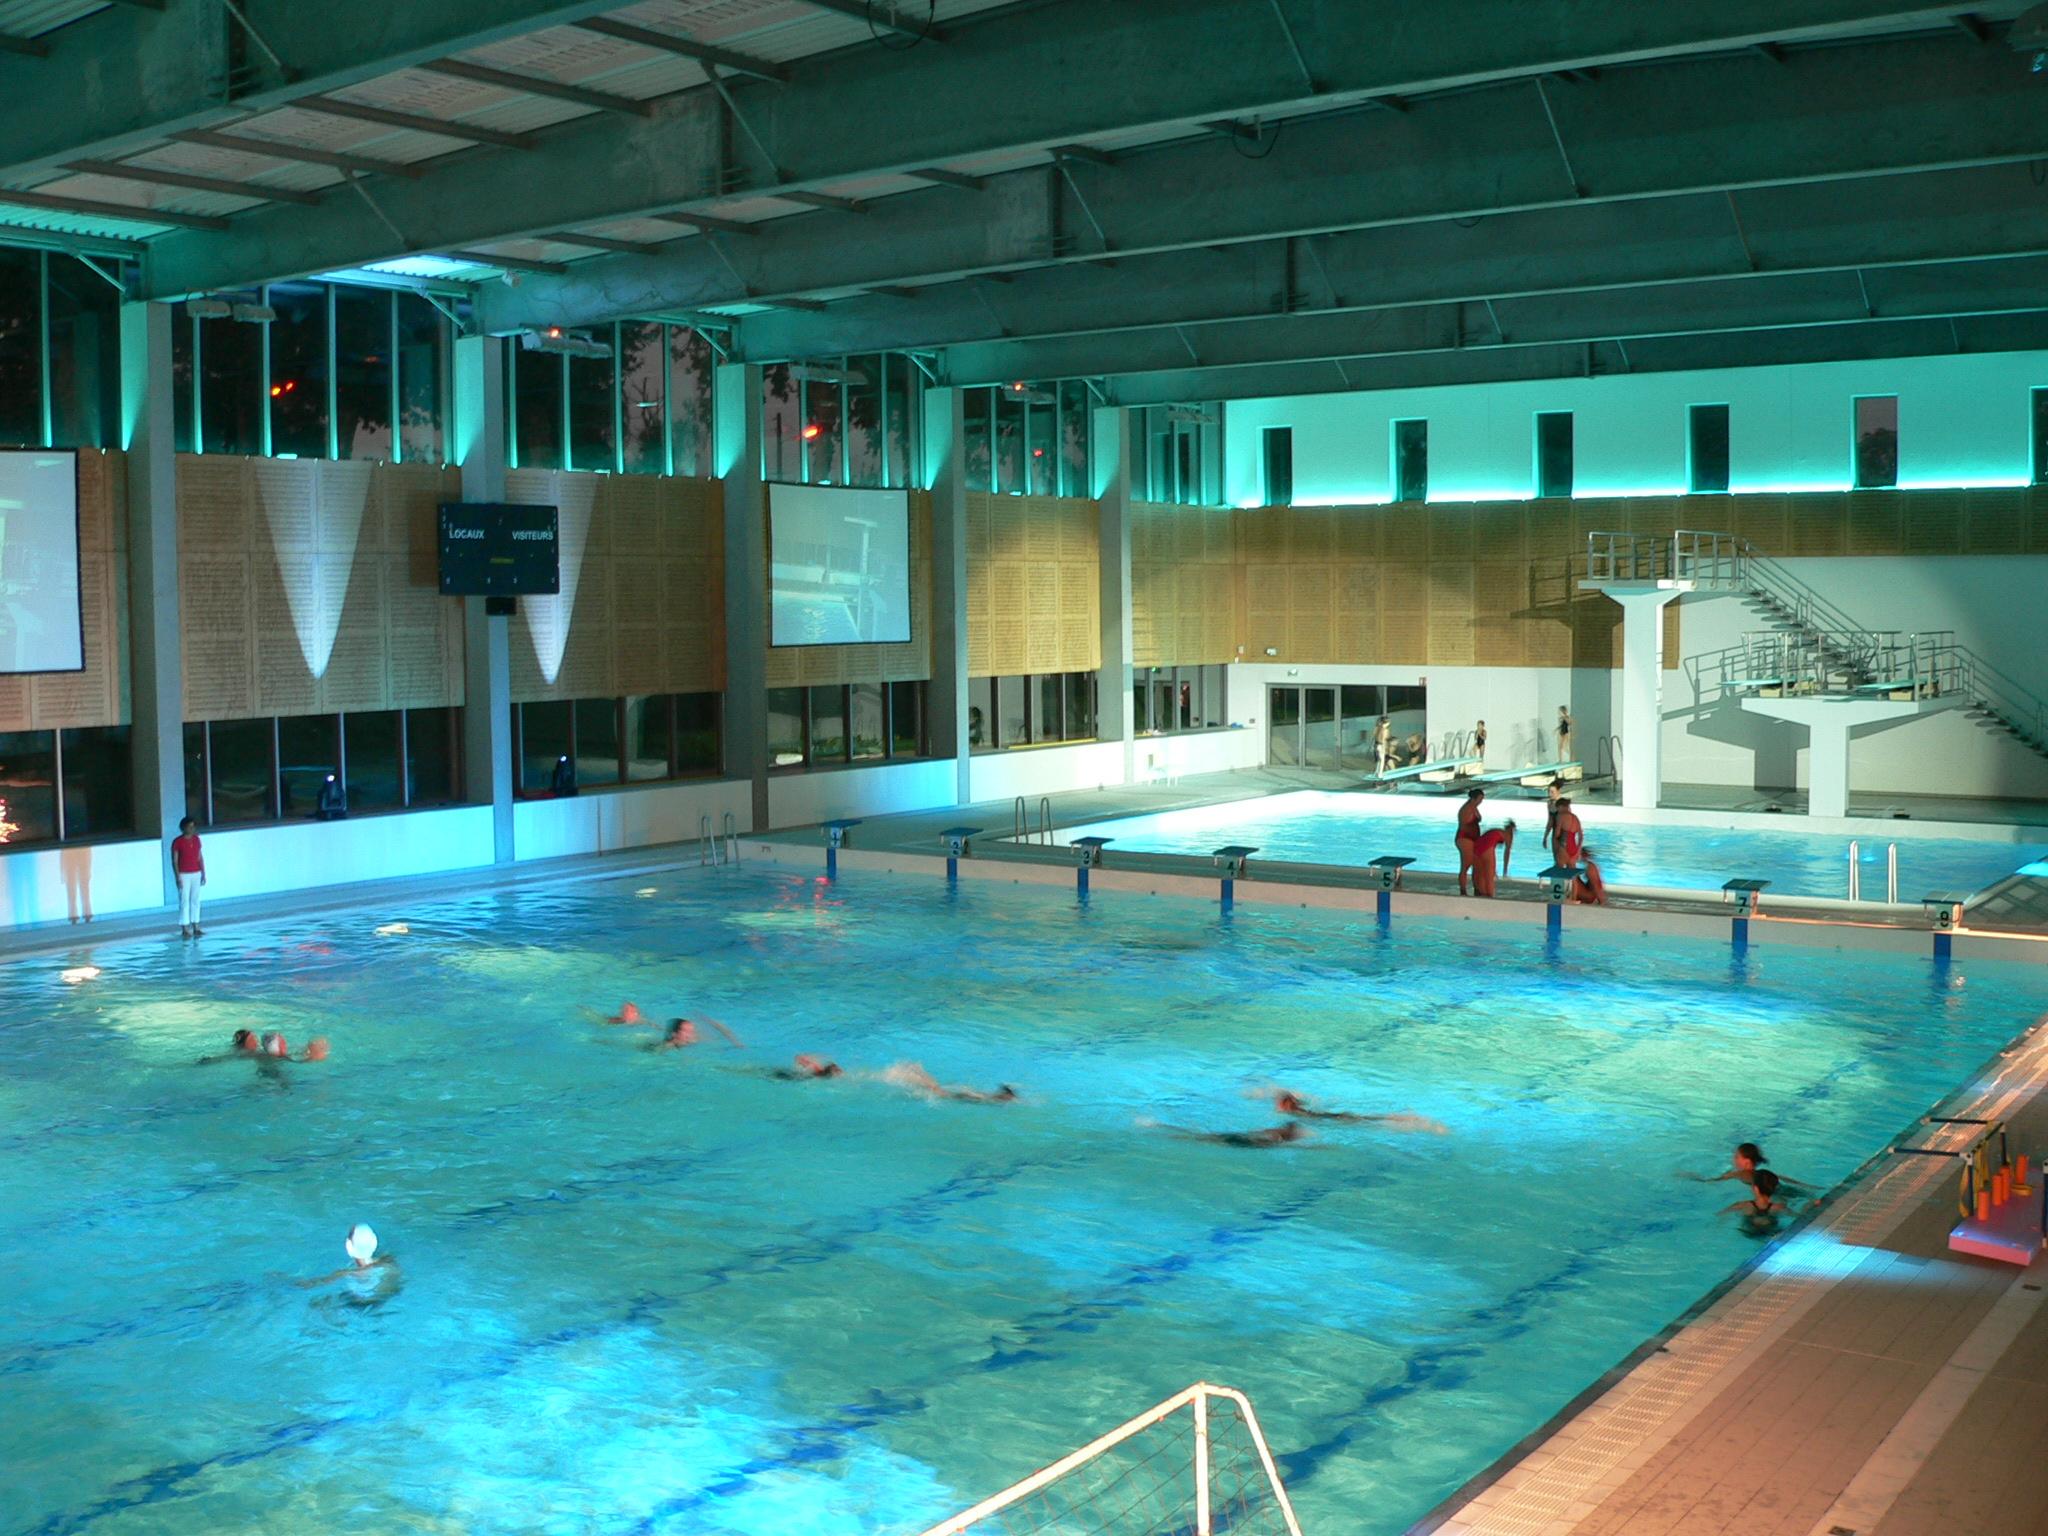 Centre Nautique Carré D'eau serapportantà Piscine Carré D Eau